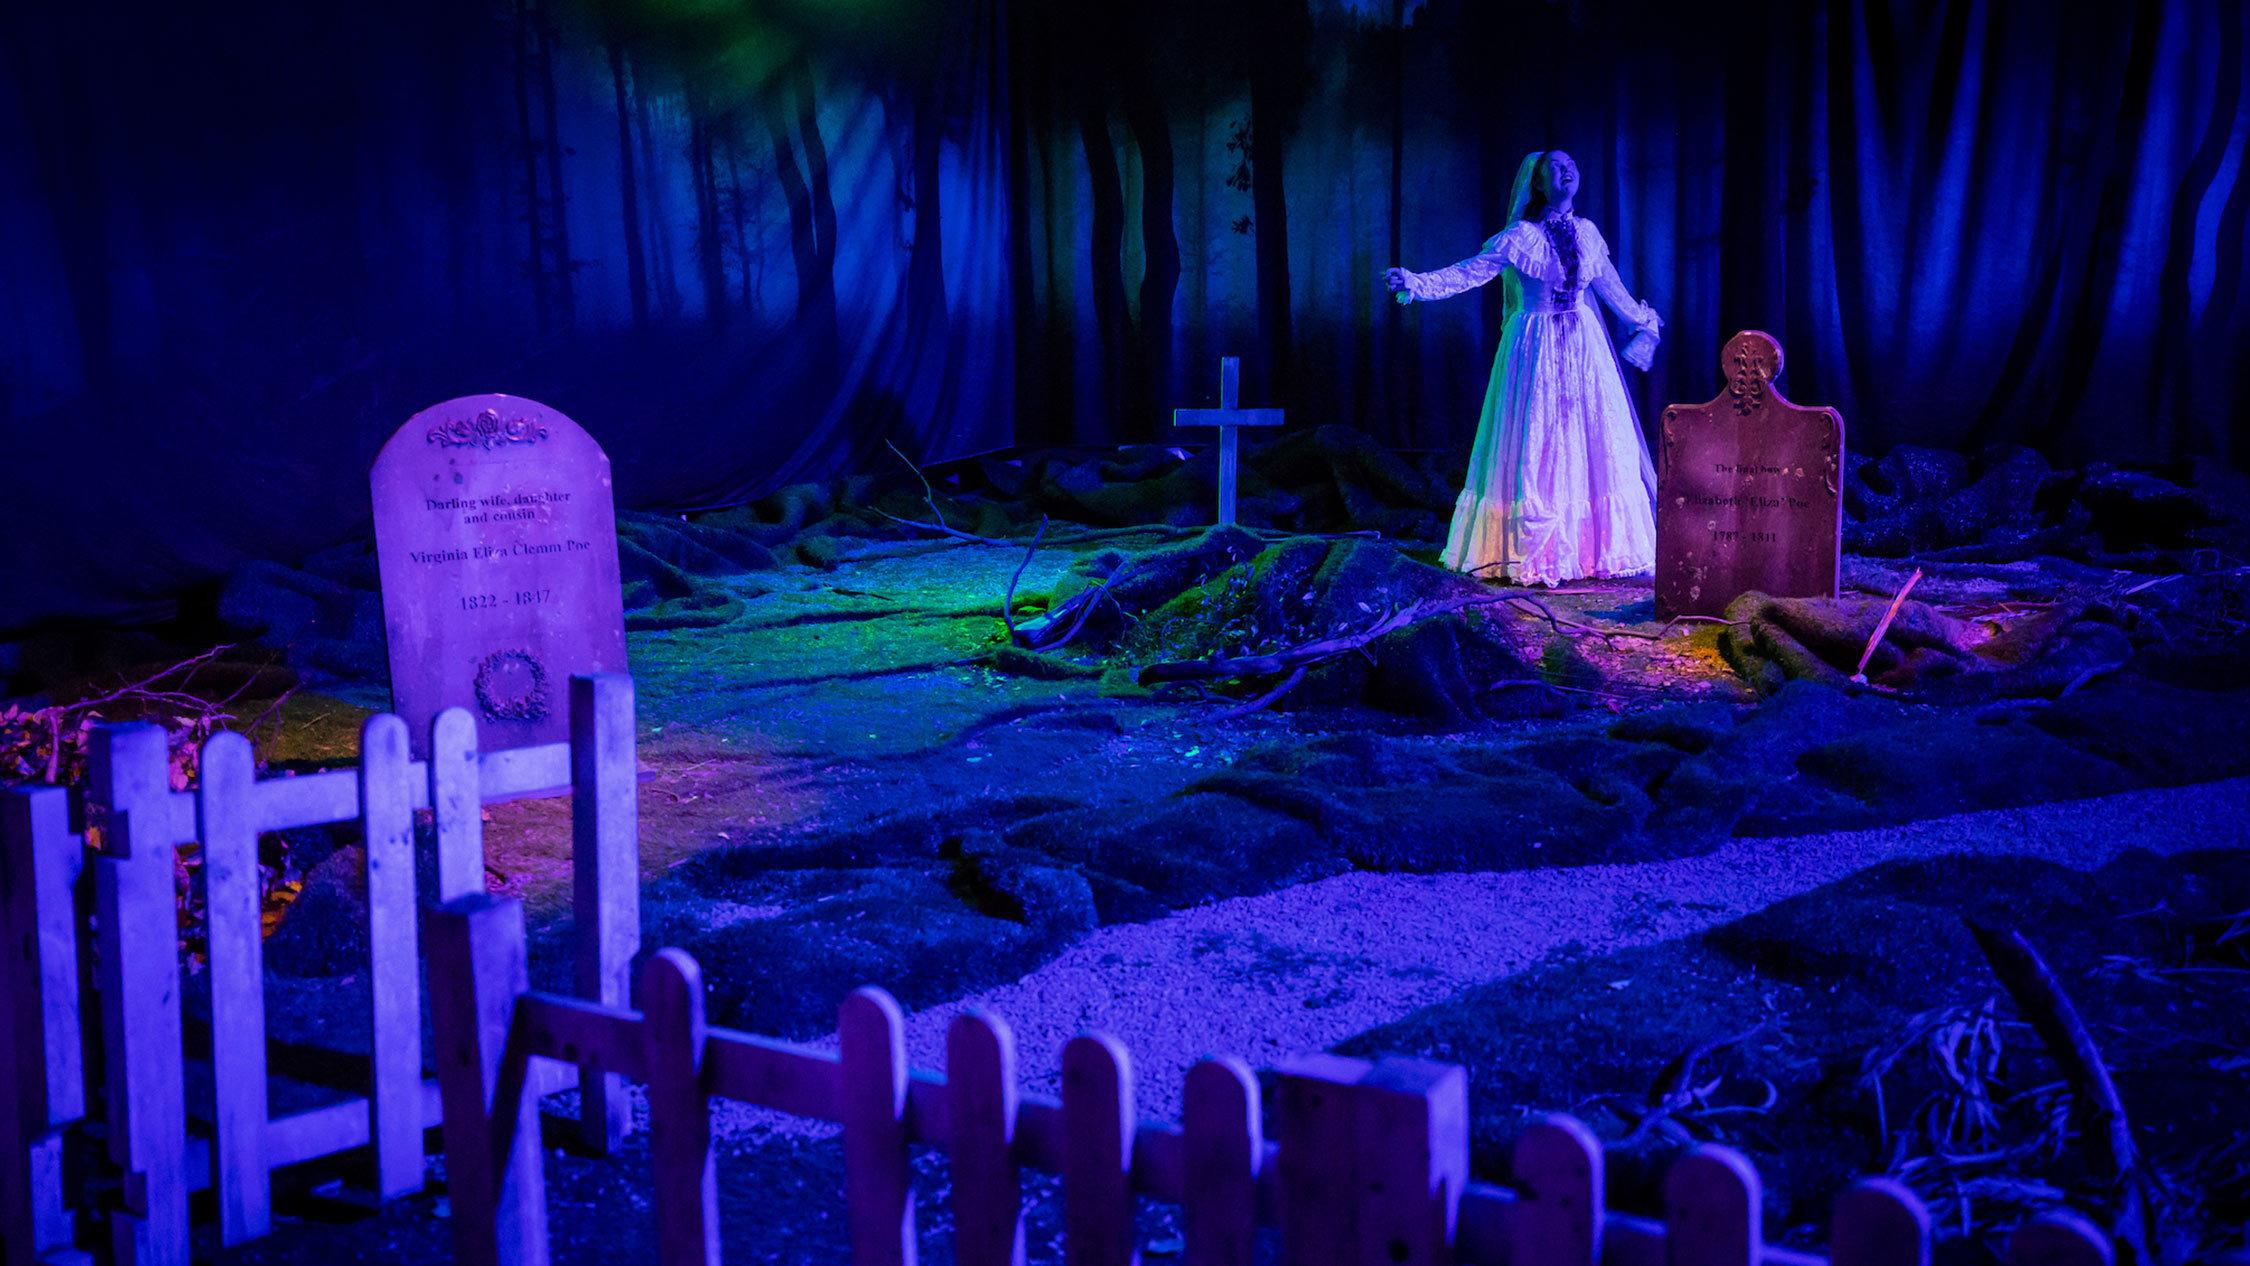 Bobbie-Jean Henning as Virginia at A Midnight Visit